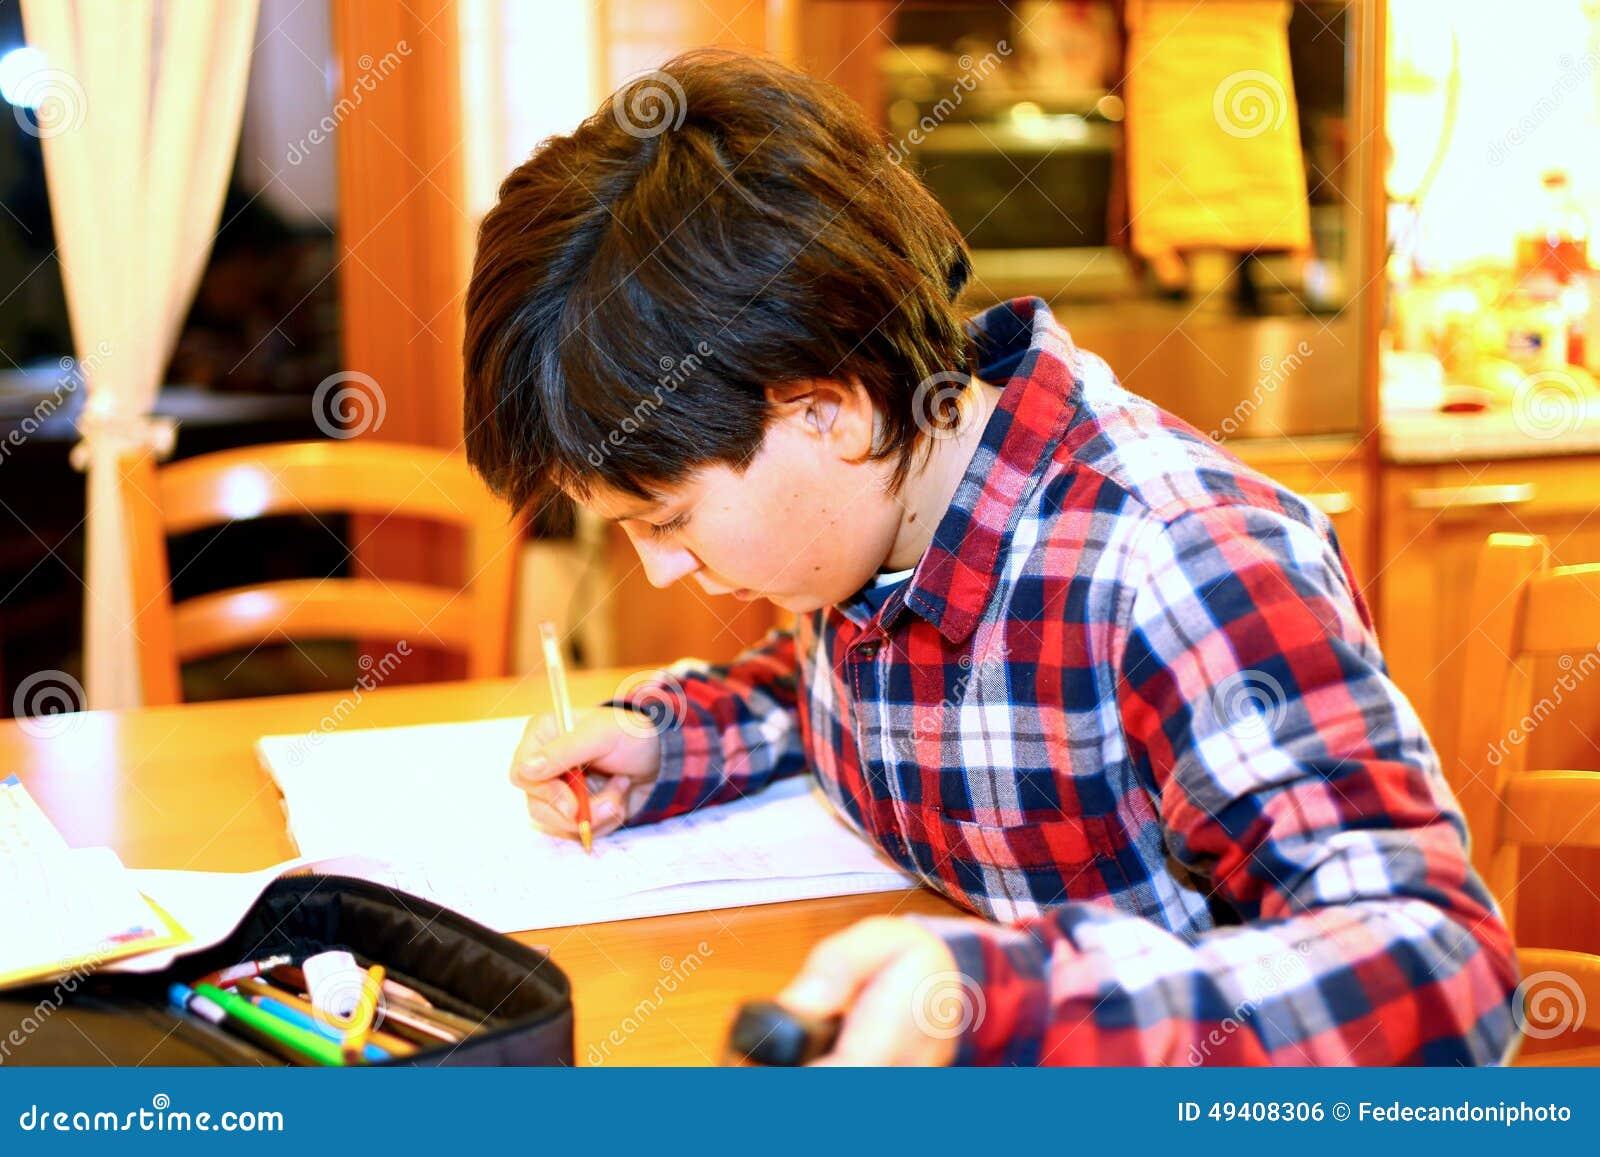 Download Lächelnder JUNGE Schreibt Auf Sein Notizbuch Stockfoto - Bild von jugend, educations: 49408306